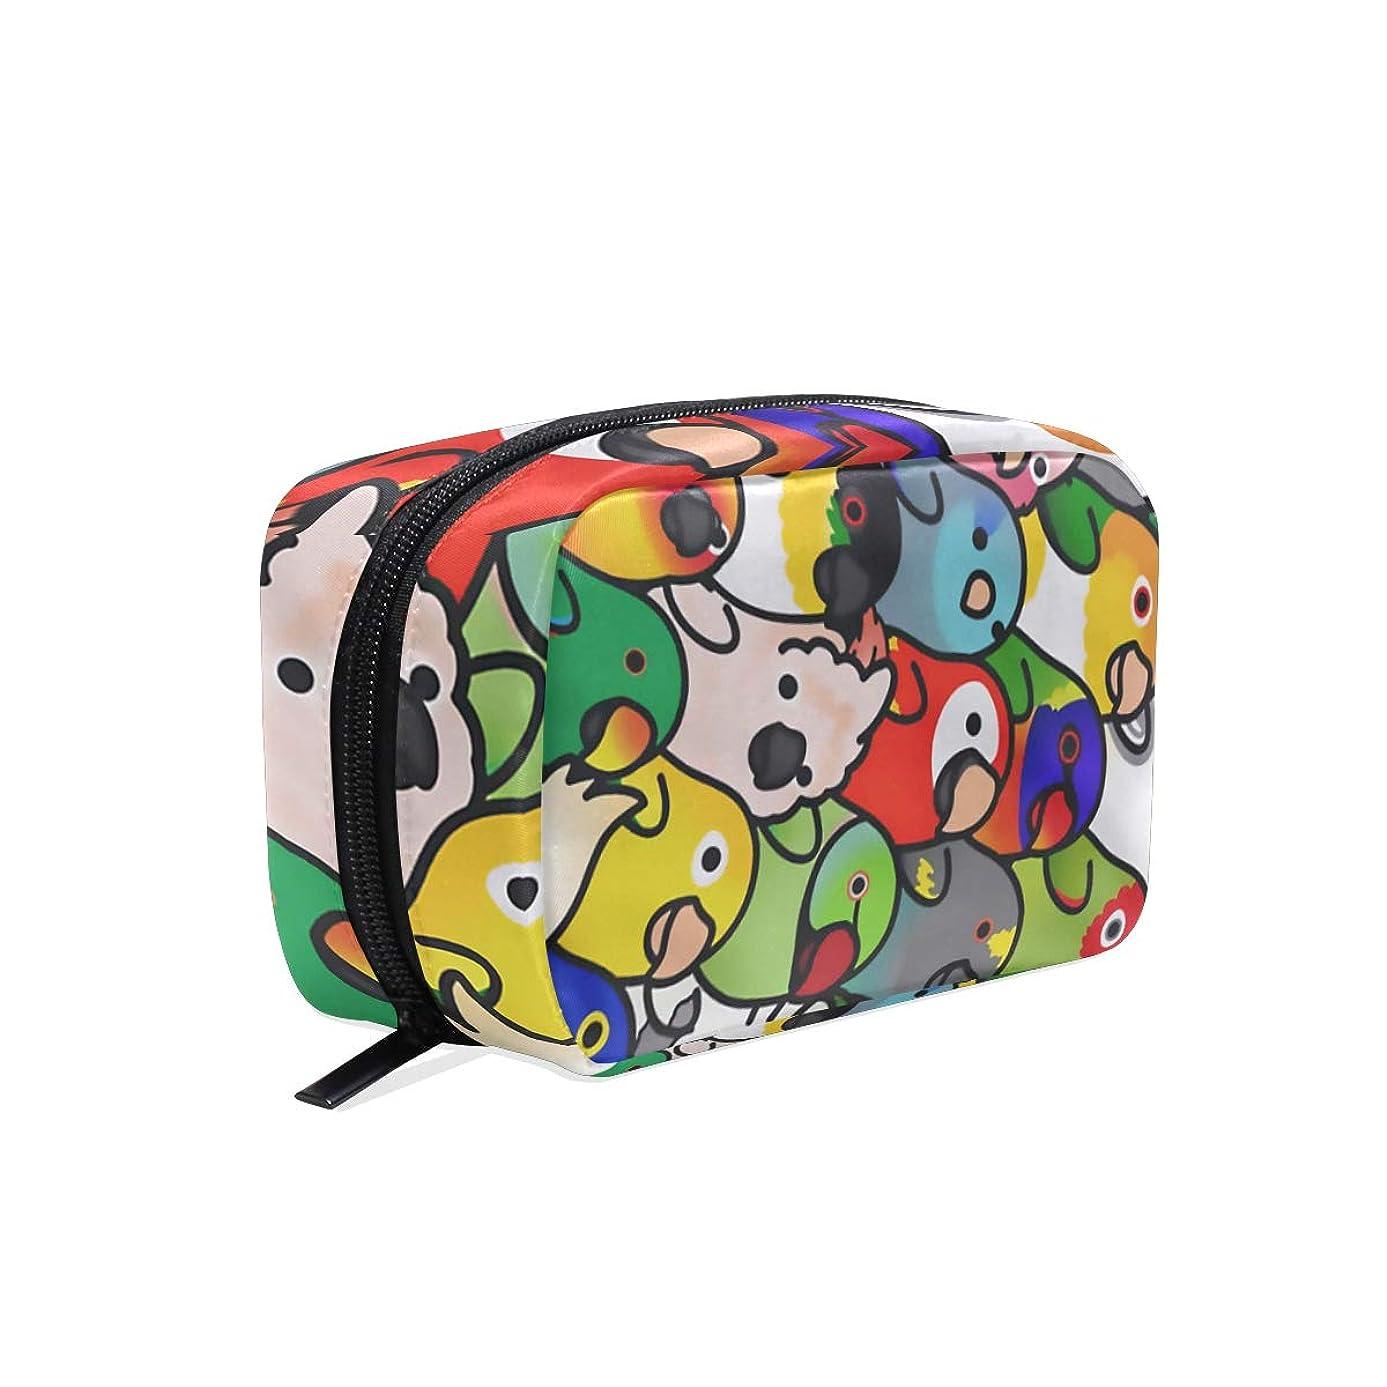 速い調べる飼い慣らす鳥 鸚鵡 こんごういんこ 化粧品袋 ジッパーと繊細な印刷パターン付き 列車 旅行 荷物梱包用 女の子へのプレゼント Parrots Lovebird Macaw